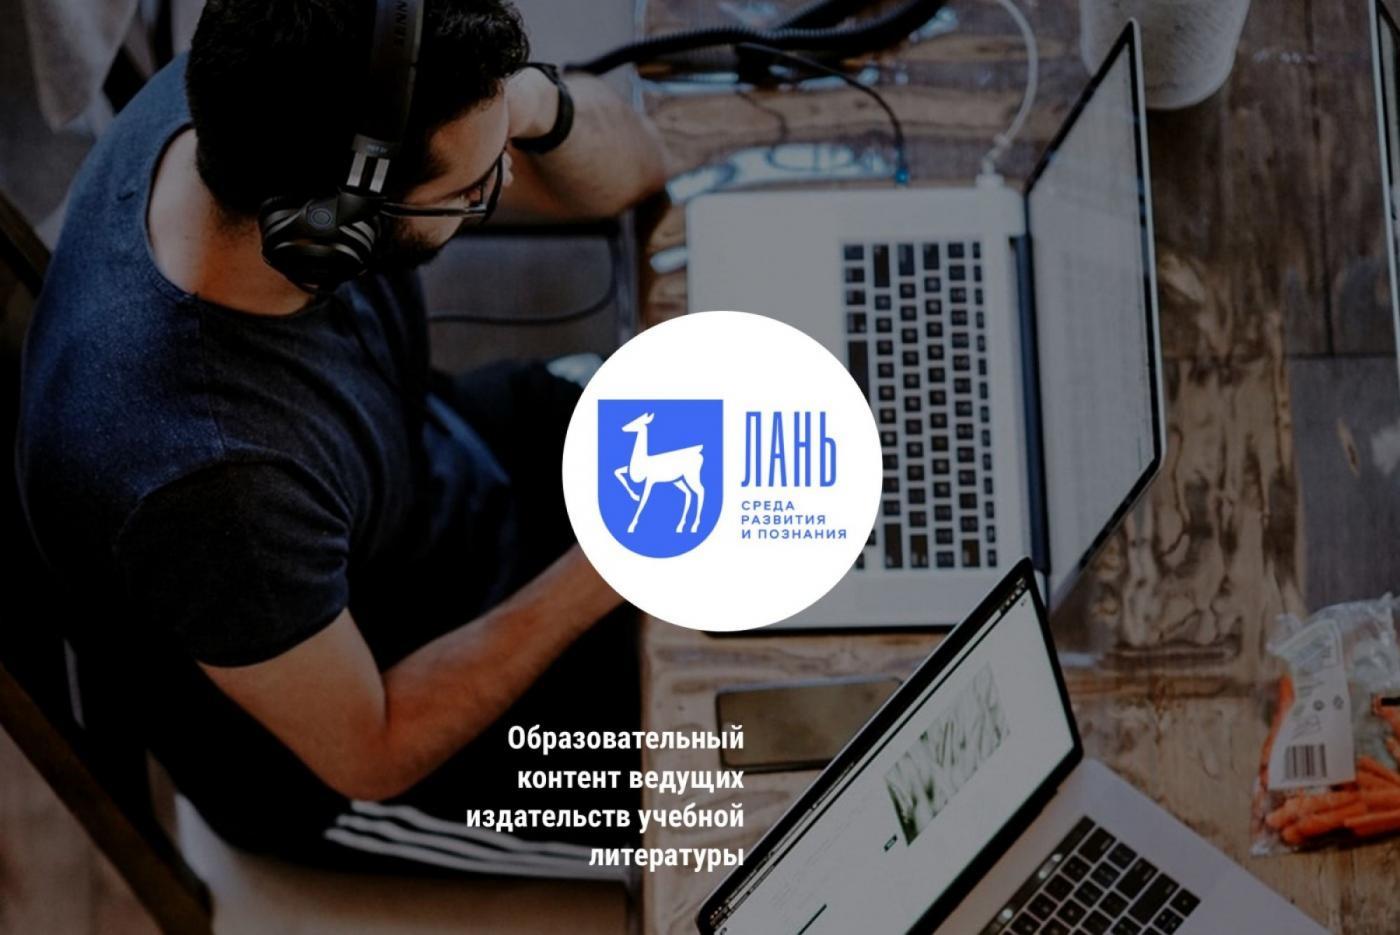 Полнотекстовые документы онлайн для преподавателей и студентов БНТУ